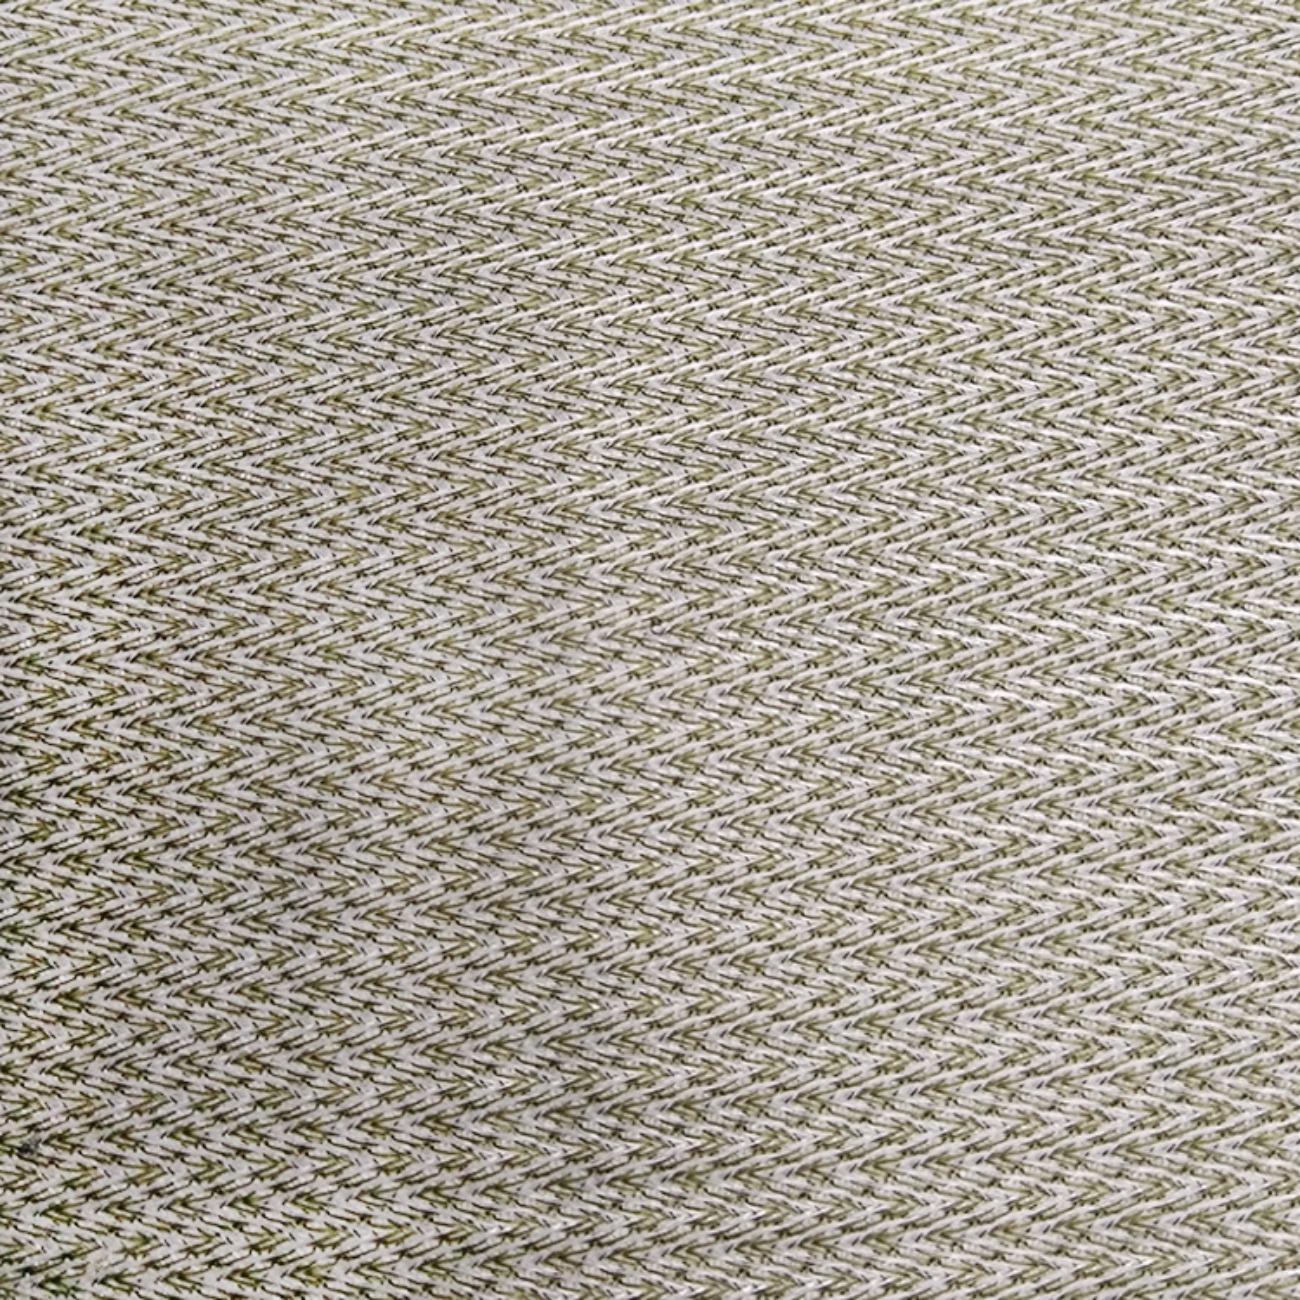 厂家直销弯纹网布面料